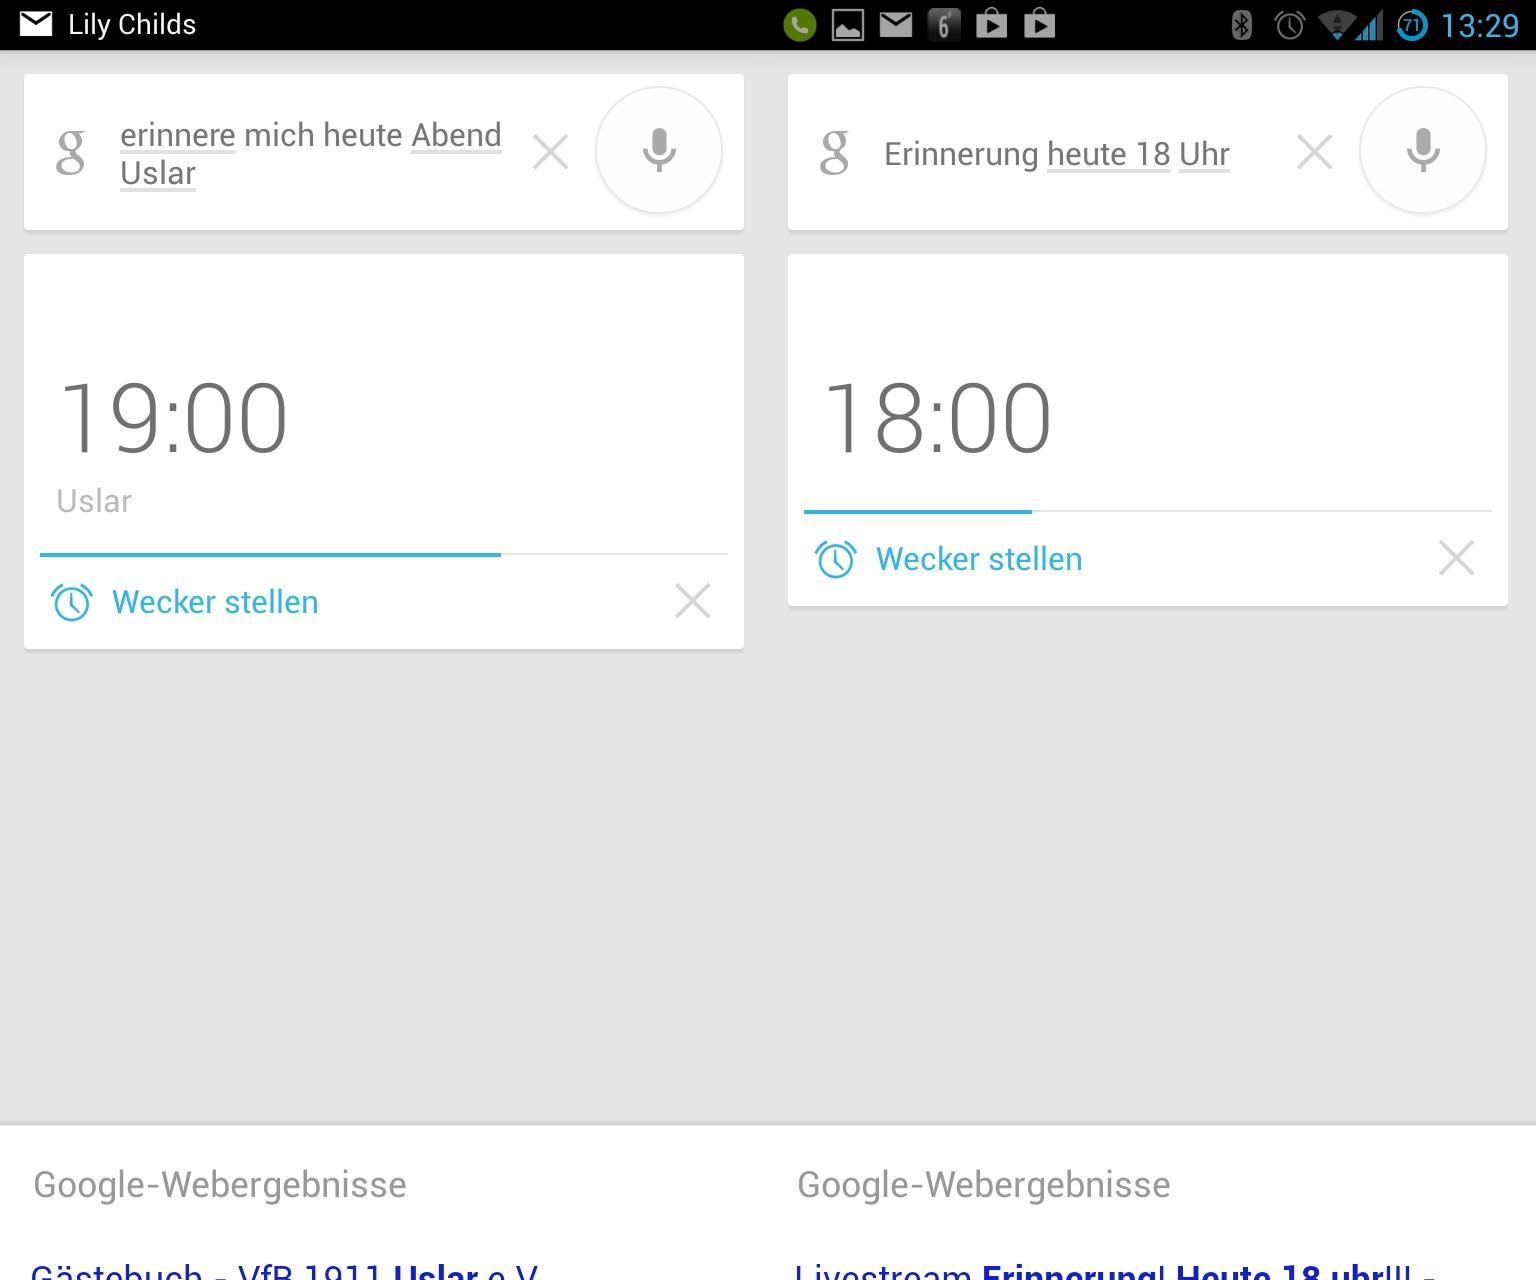 """Erinnerungen stellt Google Now zusätzlichen als Wecker ein. Allerdings arbeitet die Spracherkennung noch nicht optimal. Das englische Wort \""""Newsletter\"""" versteht Google Now als \""""Uslar\"""". \""""Heute Abend\"""" interpretiert der Dienst als 19 Uhr."""